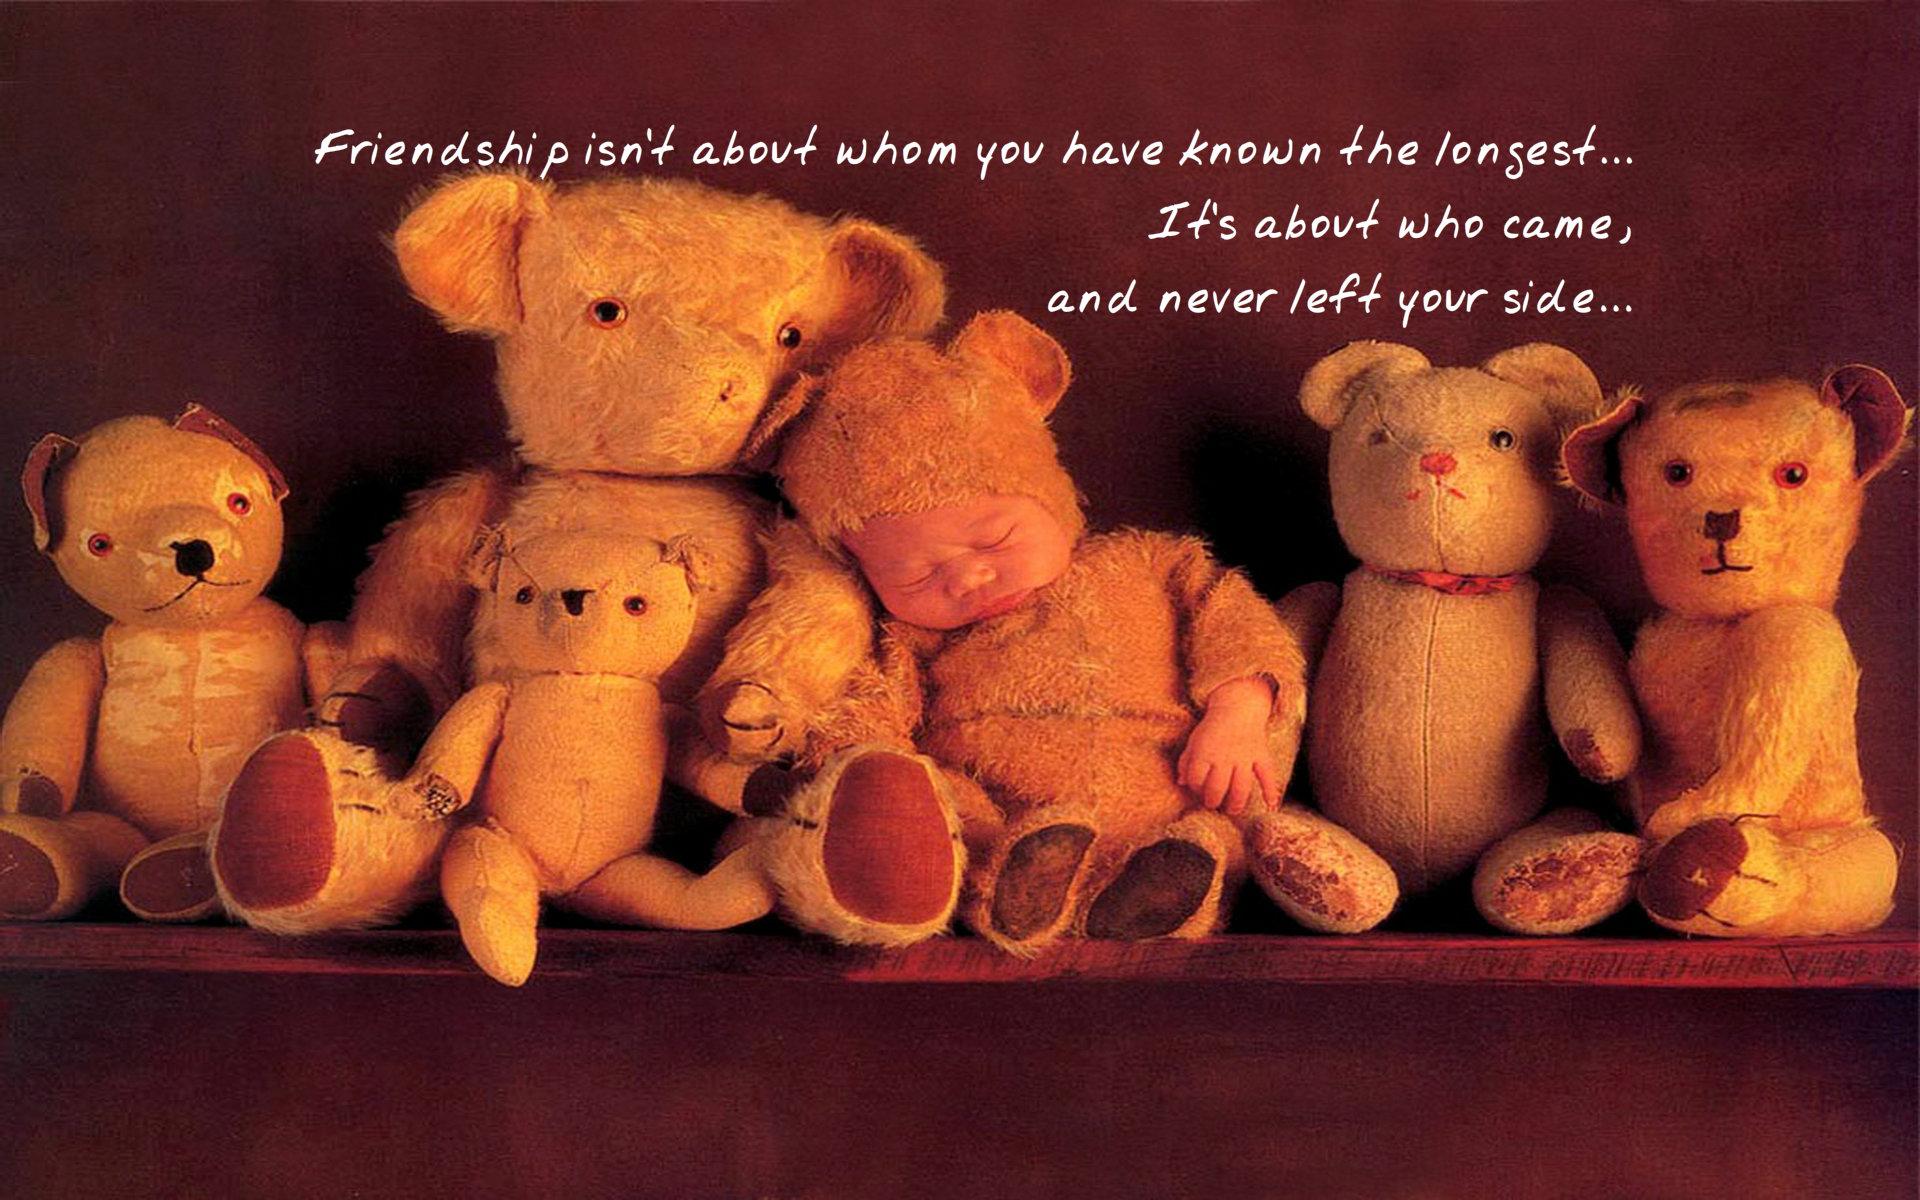 Boy-teddy-bear-323976.jpg